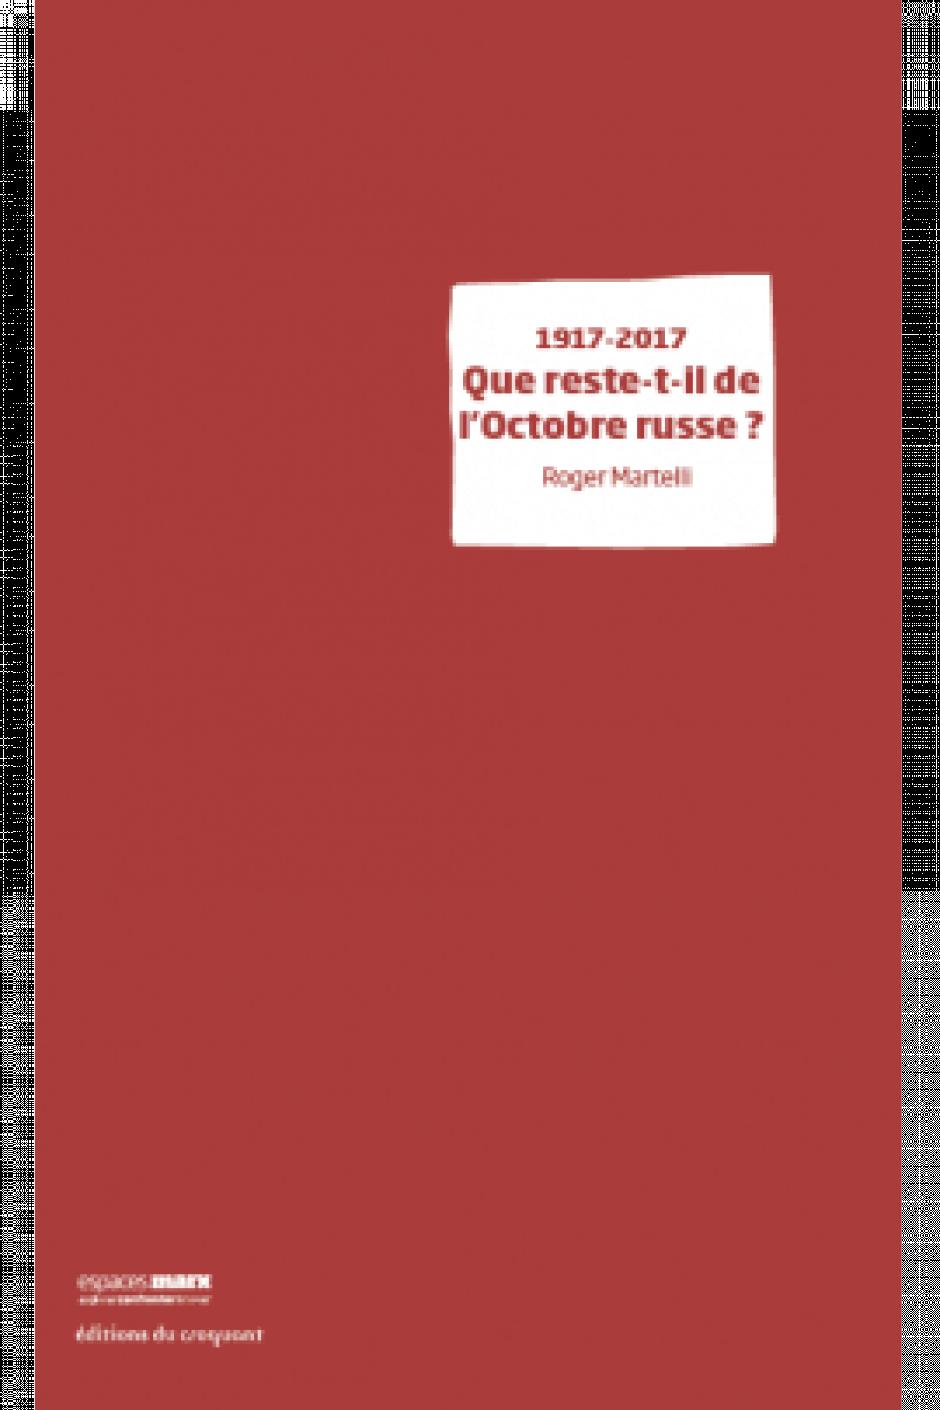 13 octobre, Beauvais - Voisinlieu pour Tous-Conférence-débat « 1917-2017, que reste-t-il de l'octobre russe ? » avec Roger Martelli